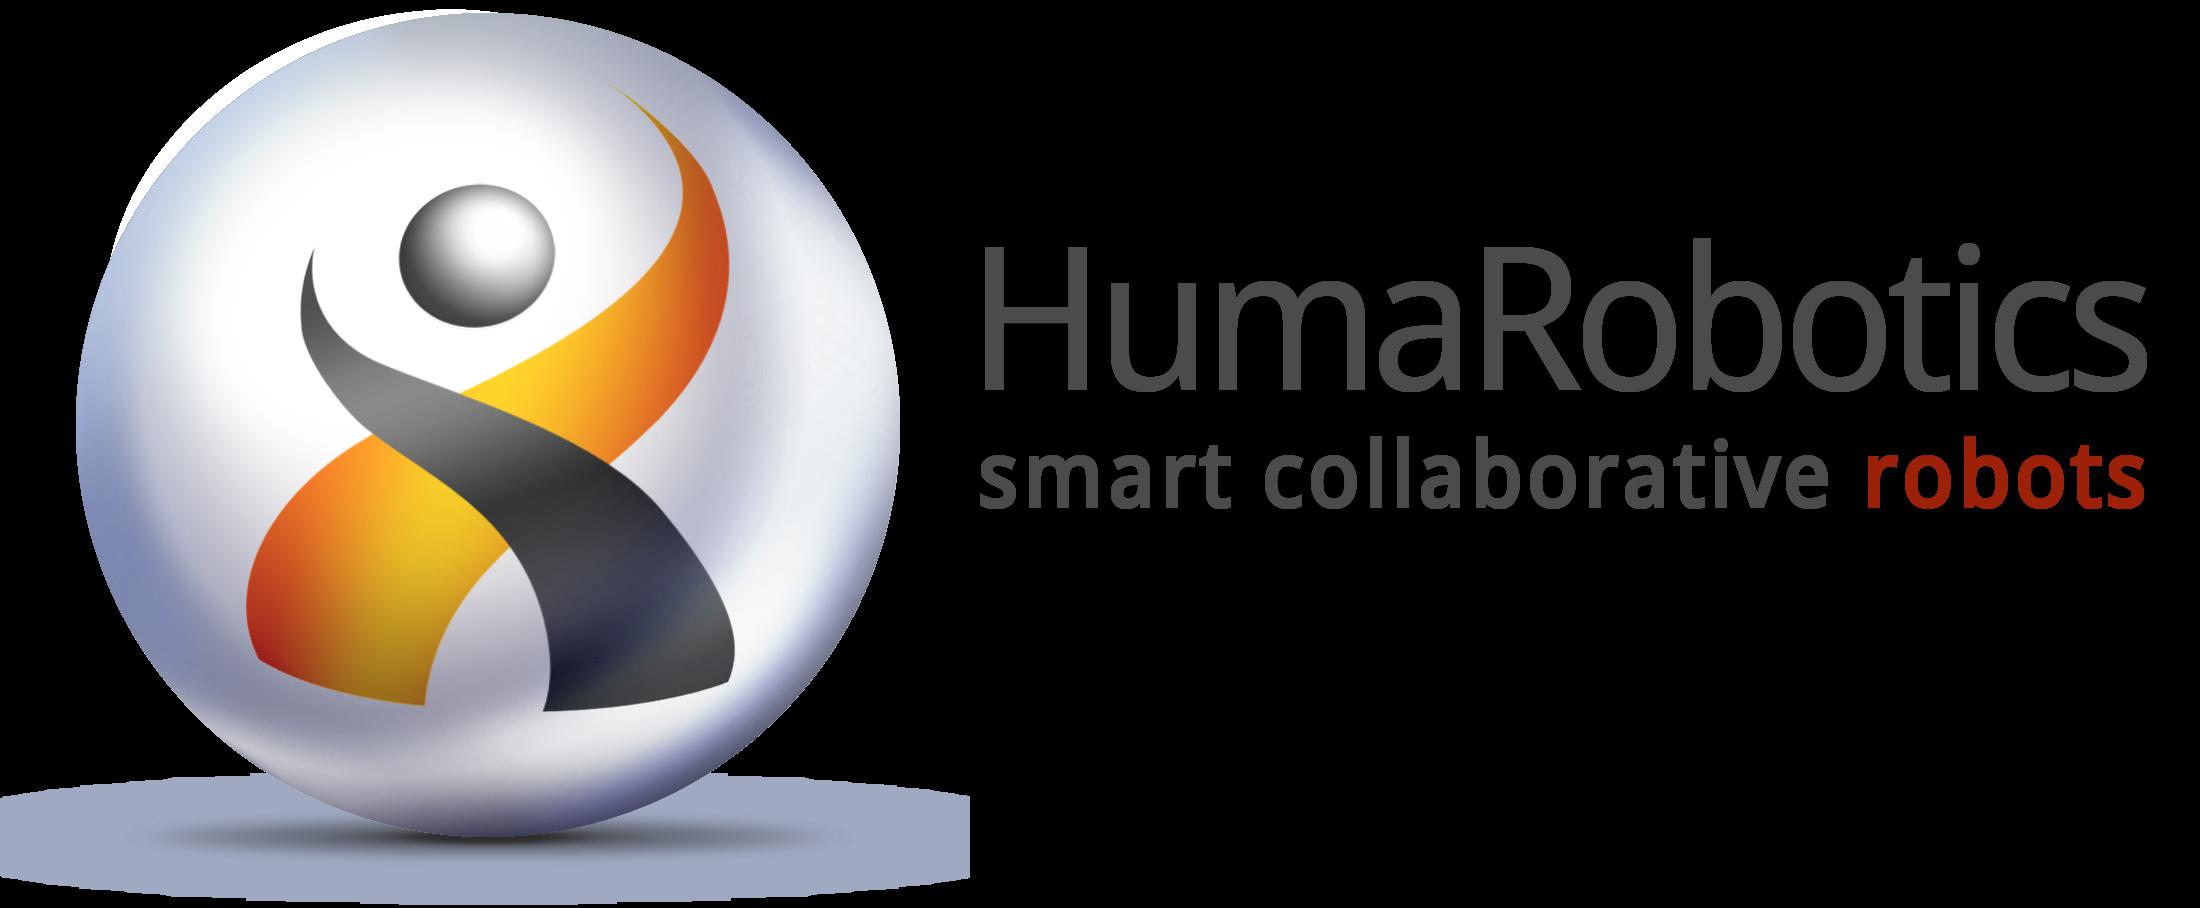 logo HD Humarobotics (gris).png